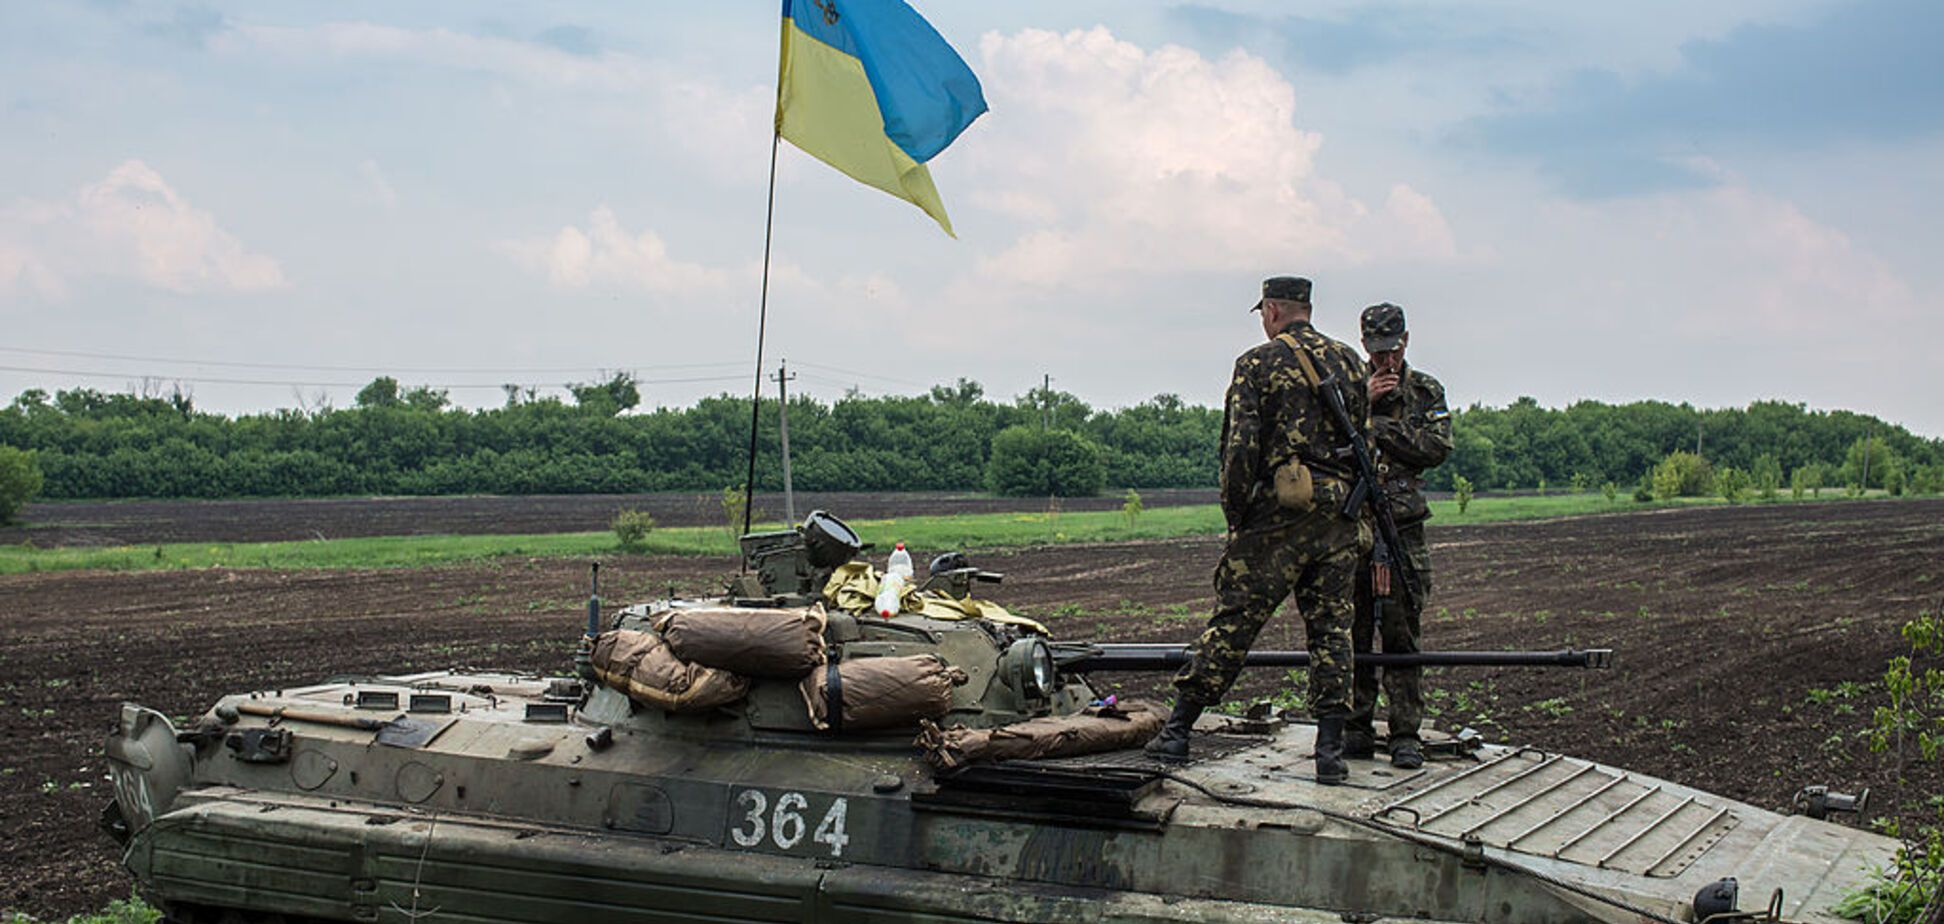 Террористы 'Л/ДНР' атакуют: много раненых среди бойцов АТО